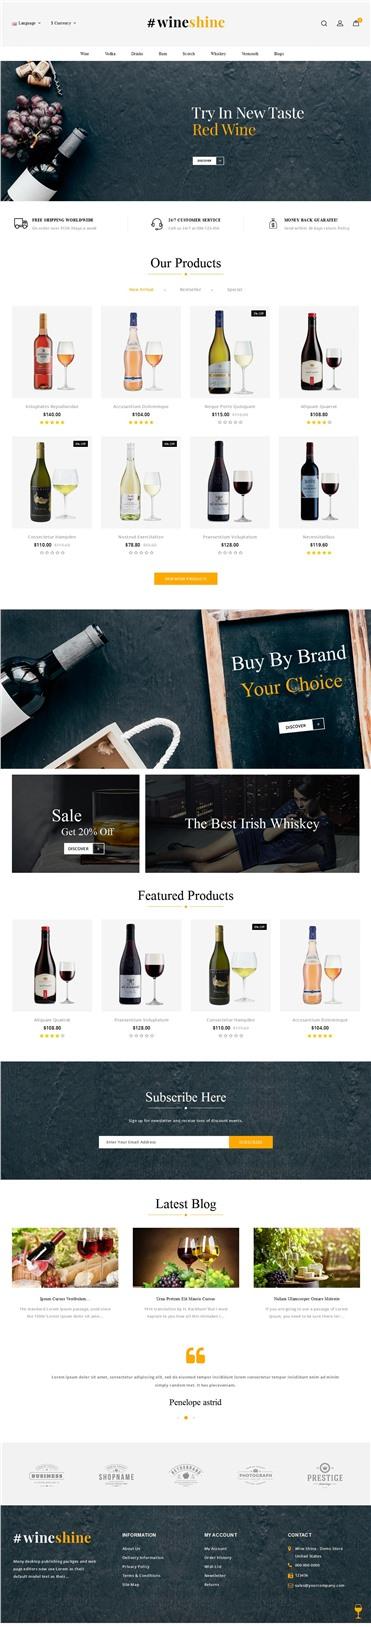 Wine Shine Store